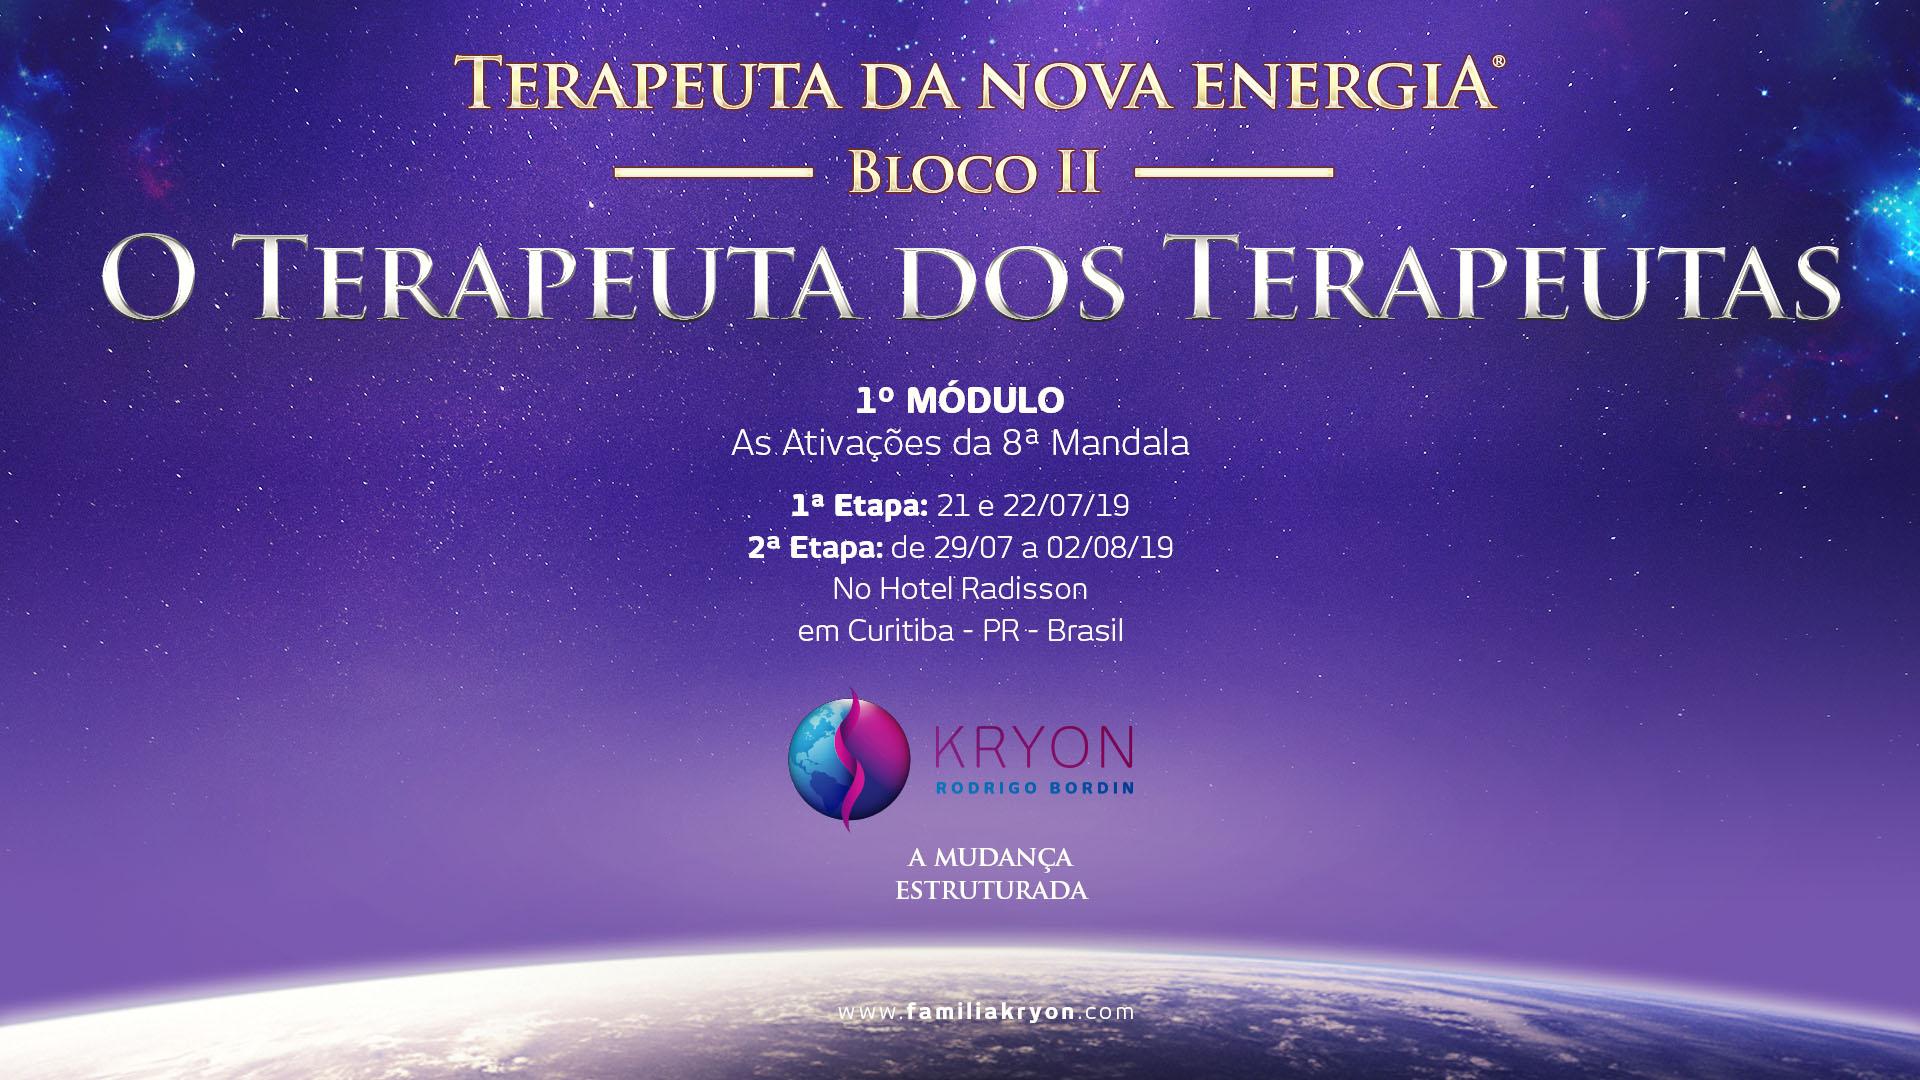 Terapeuta da Nova Energia - Bloco II - 1˚ Módulo - As Ativações da 8˚ Mandala